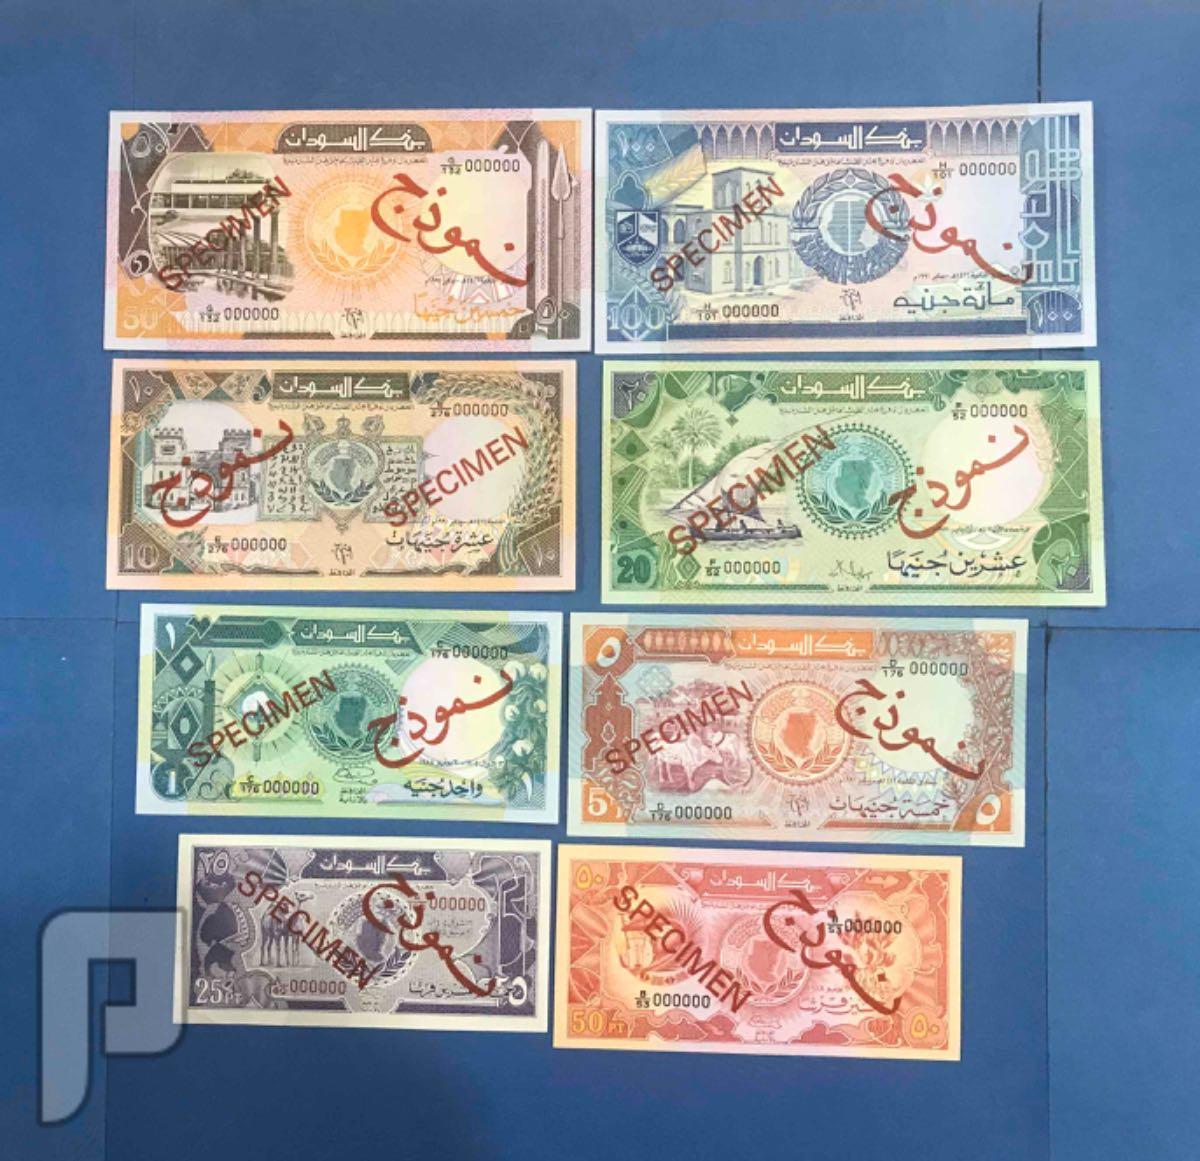 عملات السودان نموذج انسر مجموعات واطقم البند7